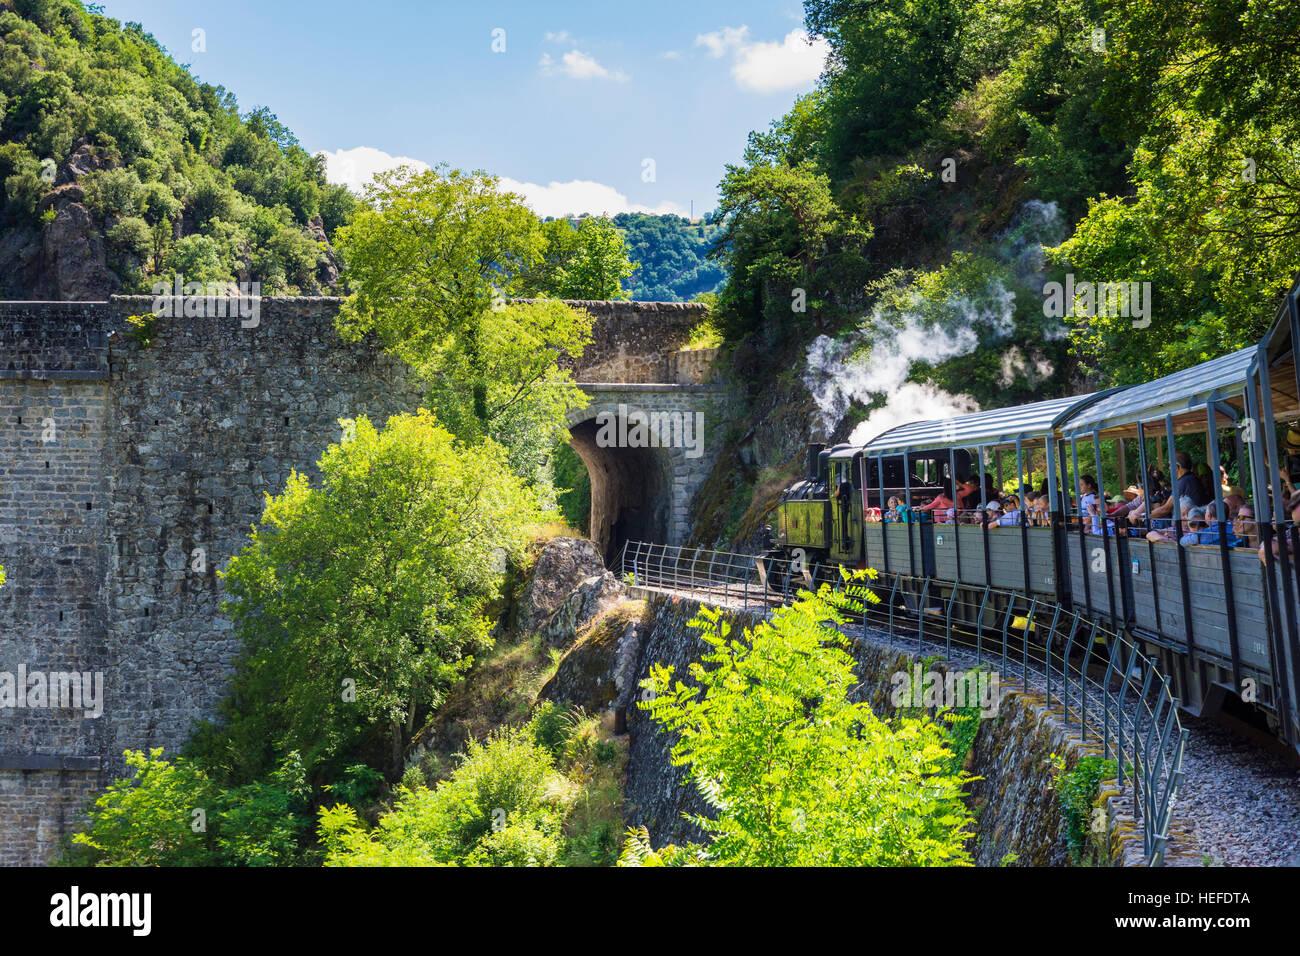 Train de l'Ardèche tourist railway through the tunnel of  the Pont des Etroits, Ardèche, France - Stock Image